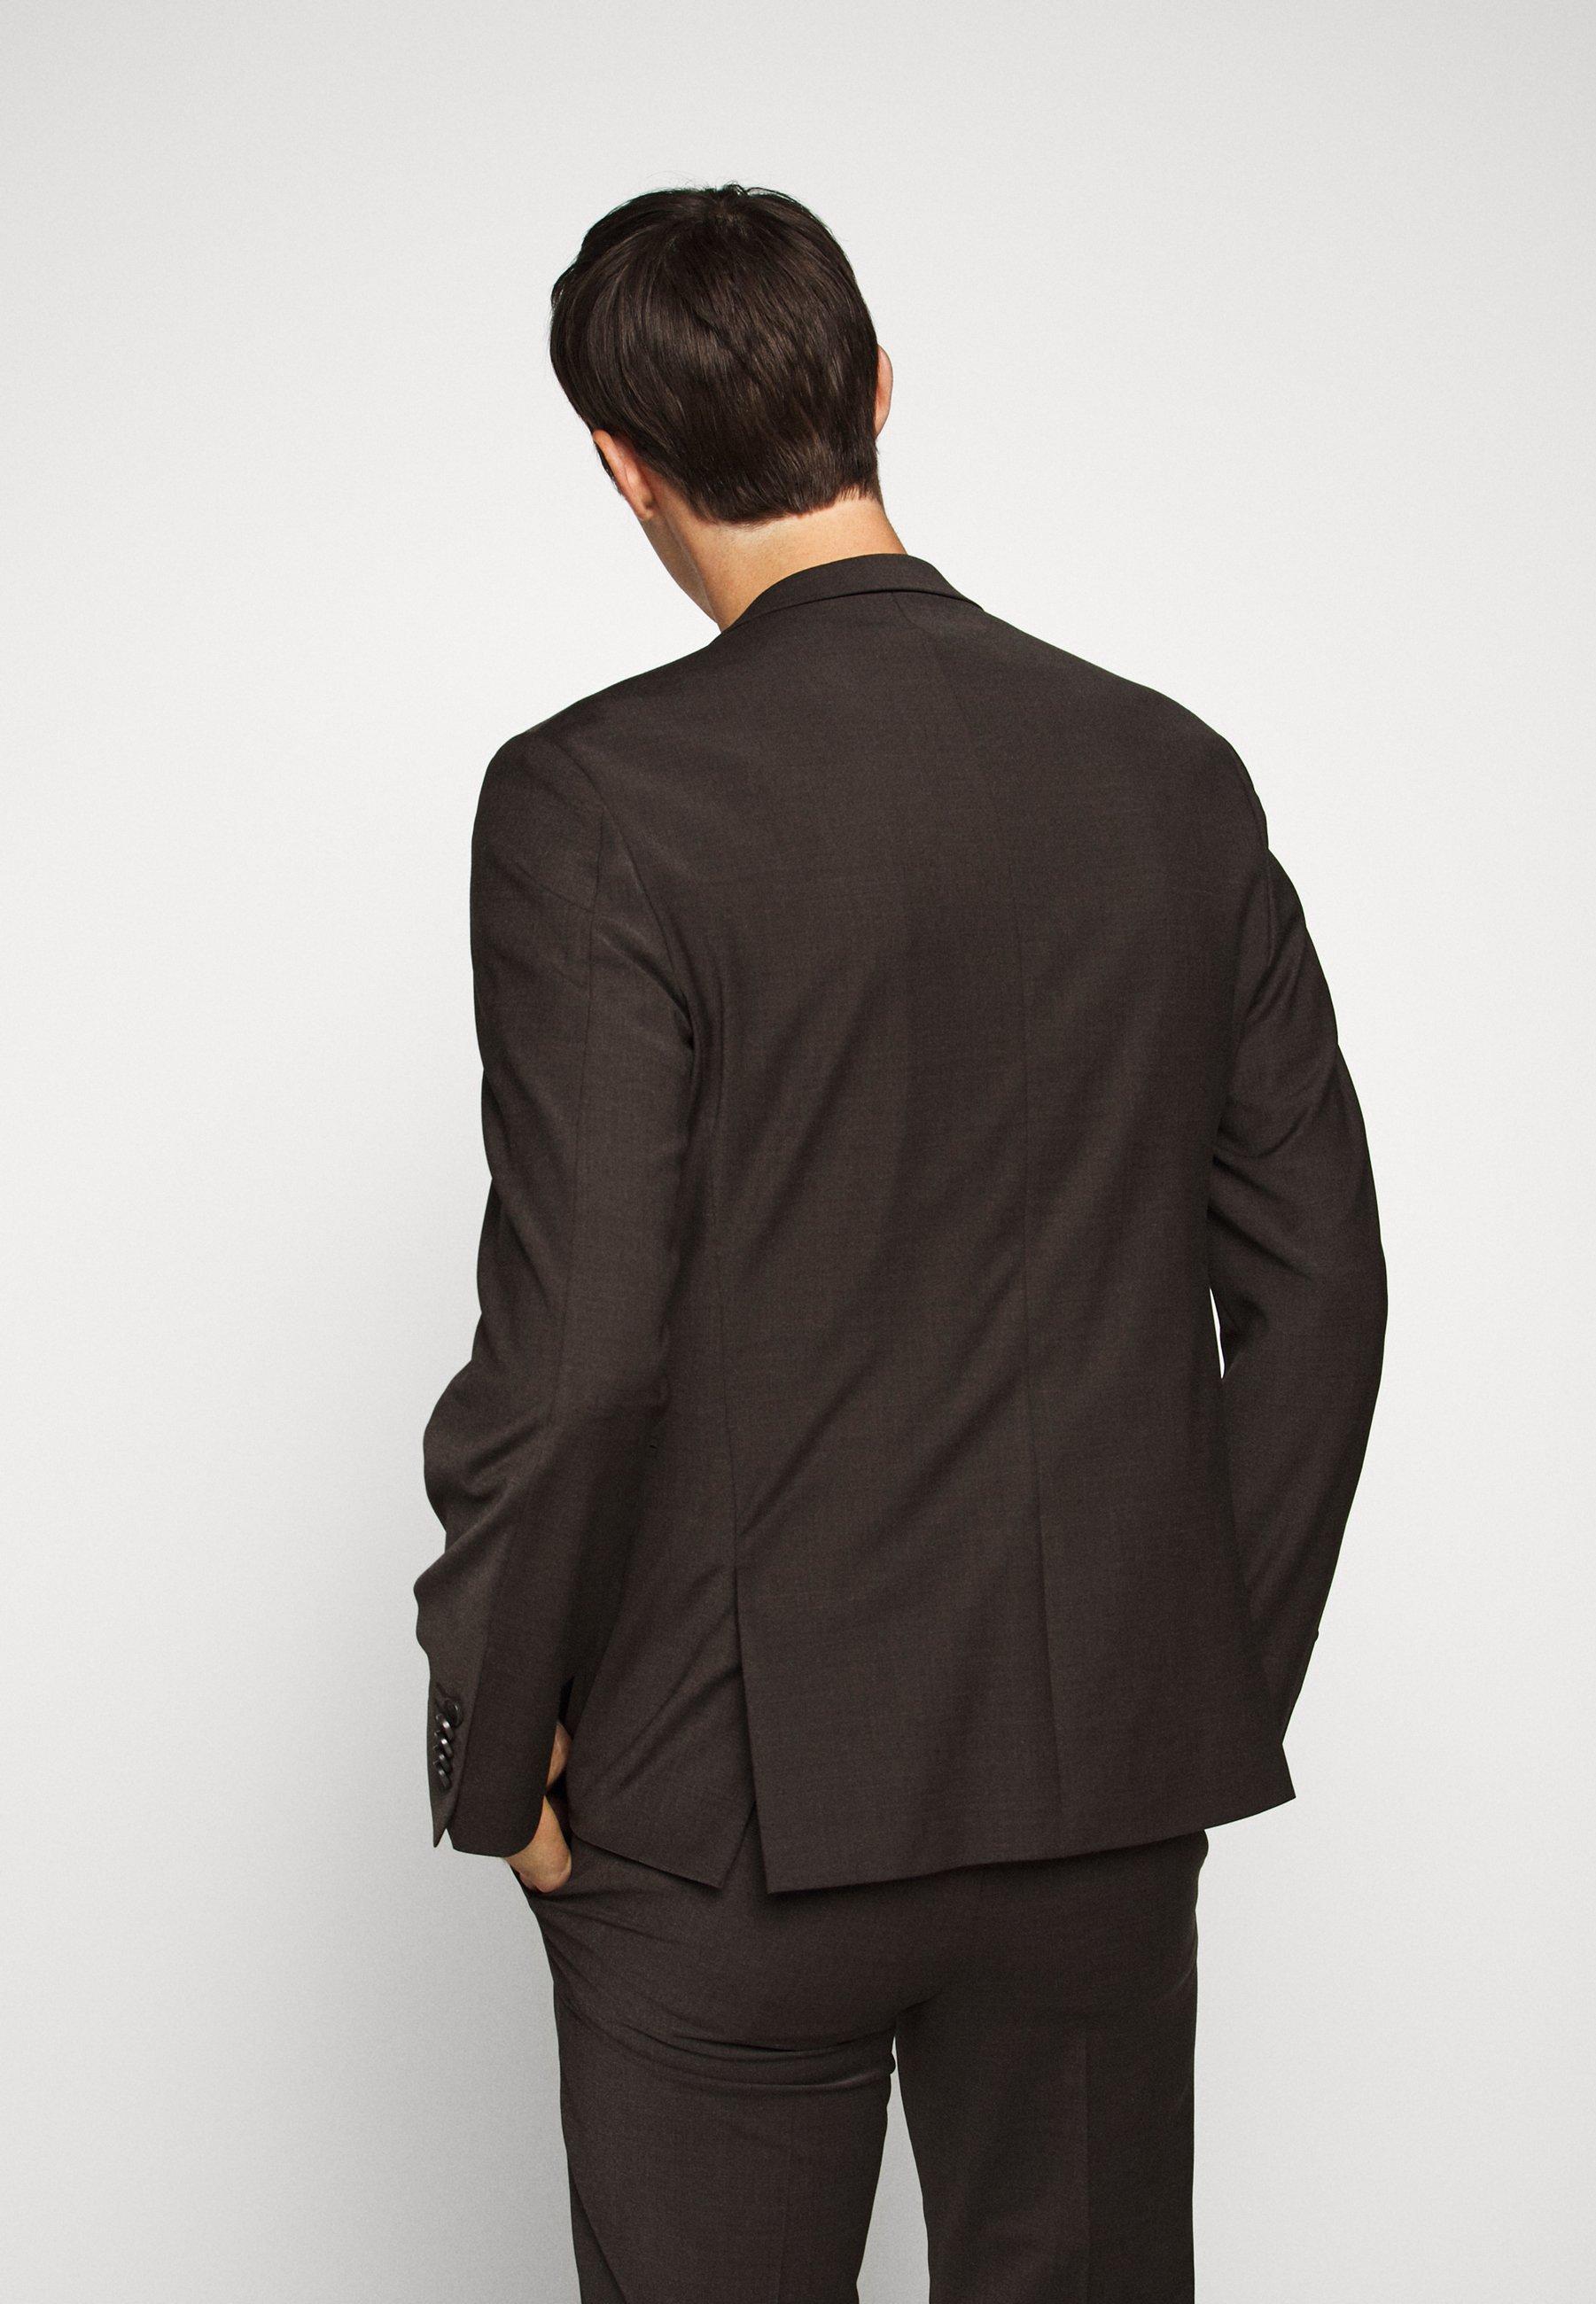 Hyper Online Overkommelige Tøj til herrer DRYKORN IRVING Jakkesæt blazere brown KvJ4TL d41syZ